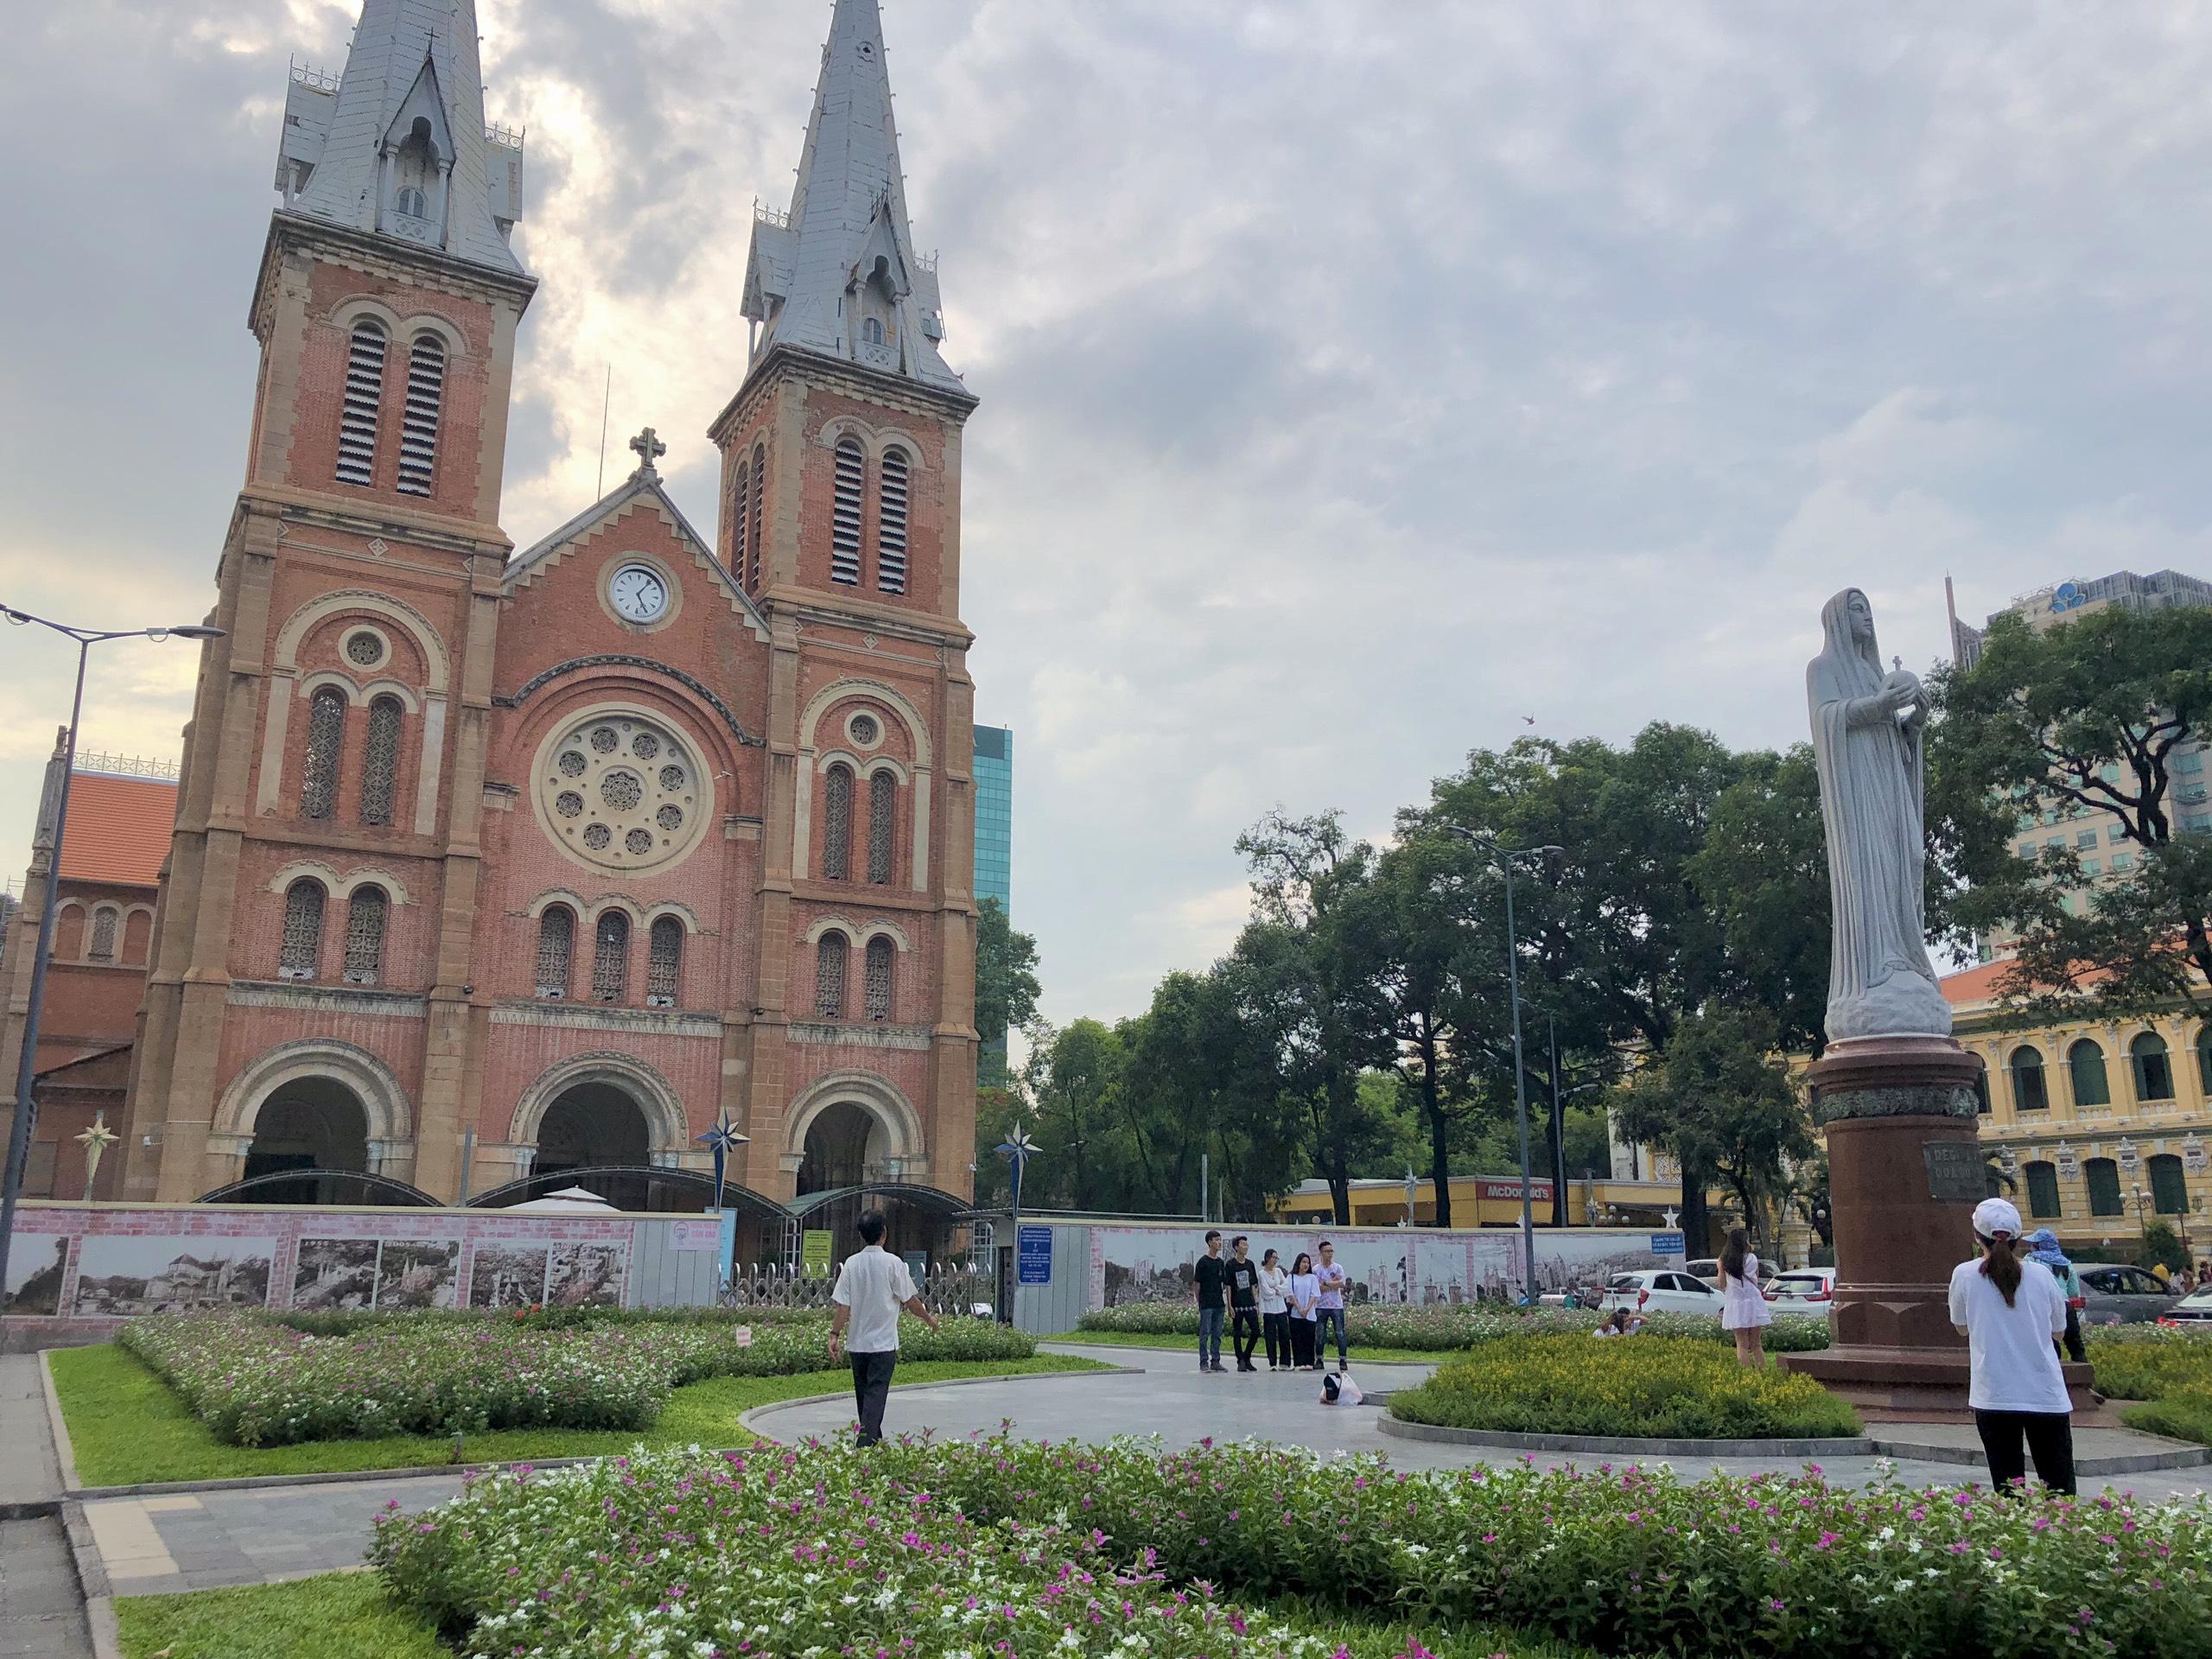 Gợi ý những trải nghiệm không nên bỏ lỡ nếu chỉ có 24 giờ khám phá Sài Gòn - Ảnh 1.